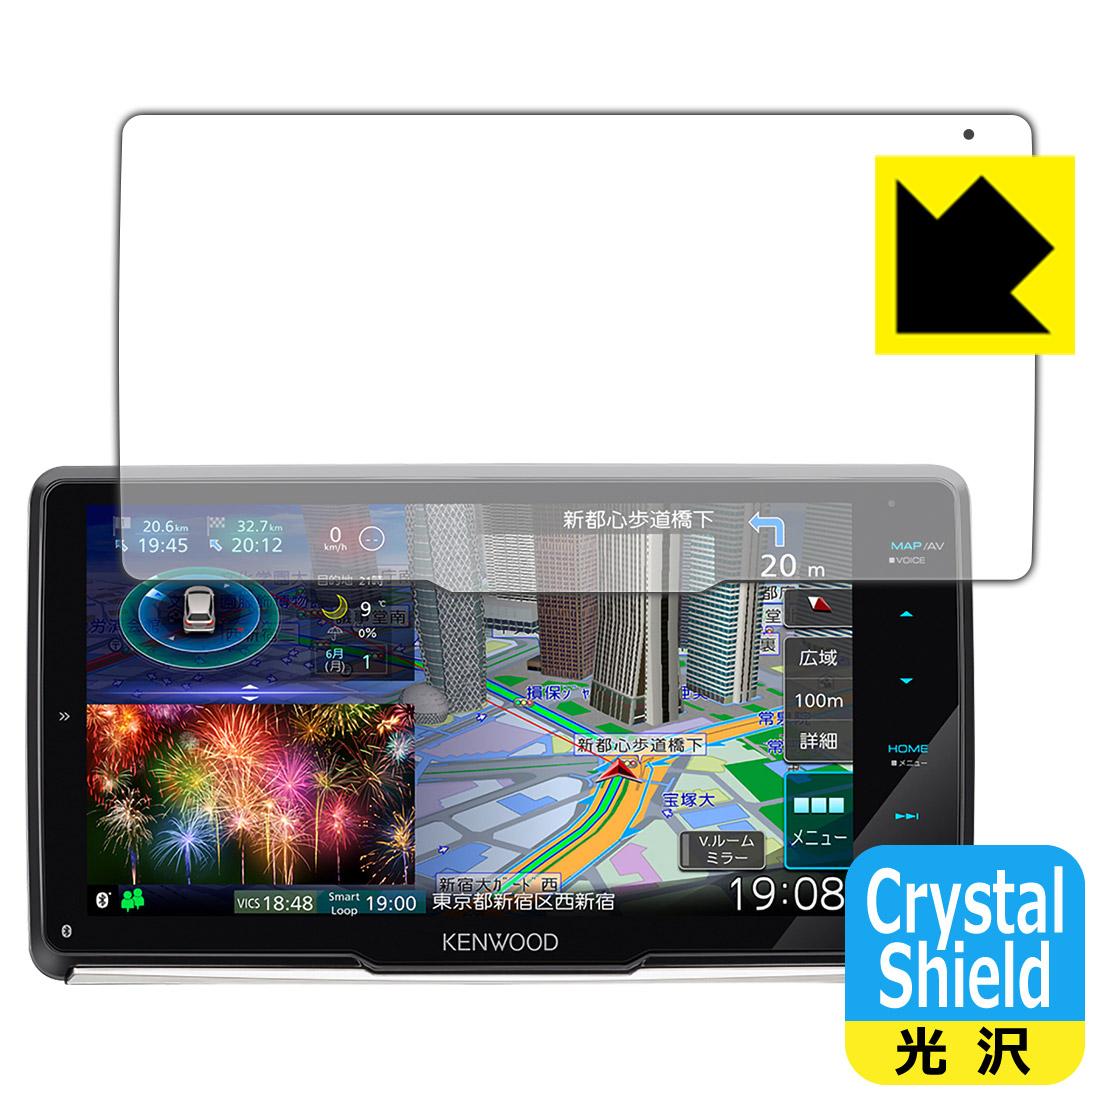 日本産 光沢タイプ 彩速ナビ MDV-M907HDF 専用保護フィルム 保護シート Shield 期間限定の激安セール smtb-kd Crystal